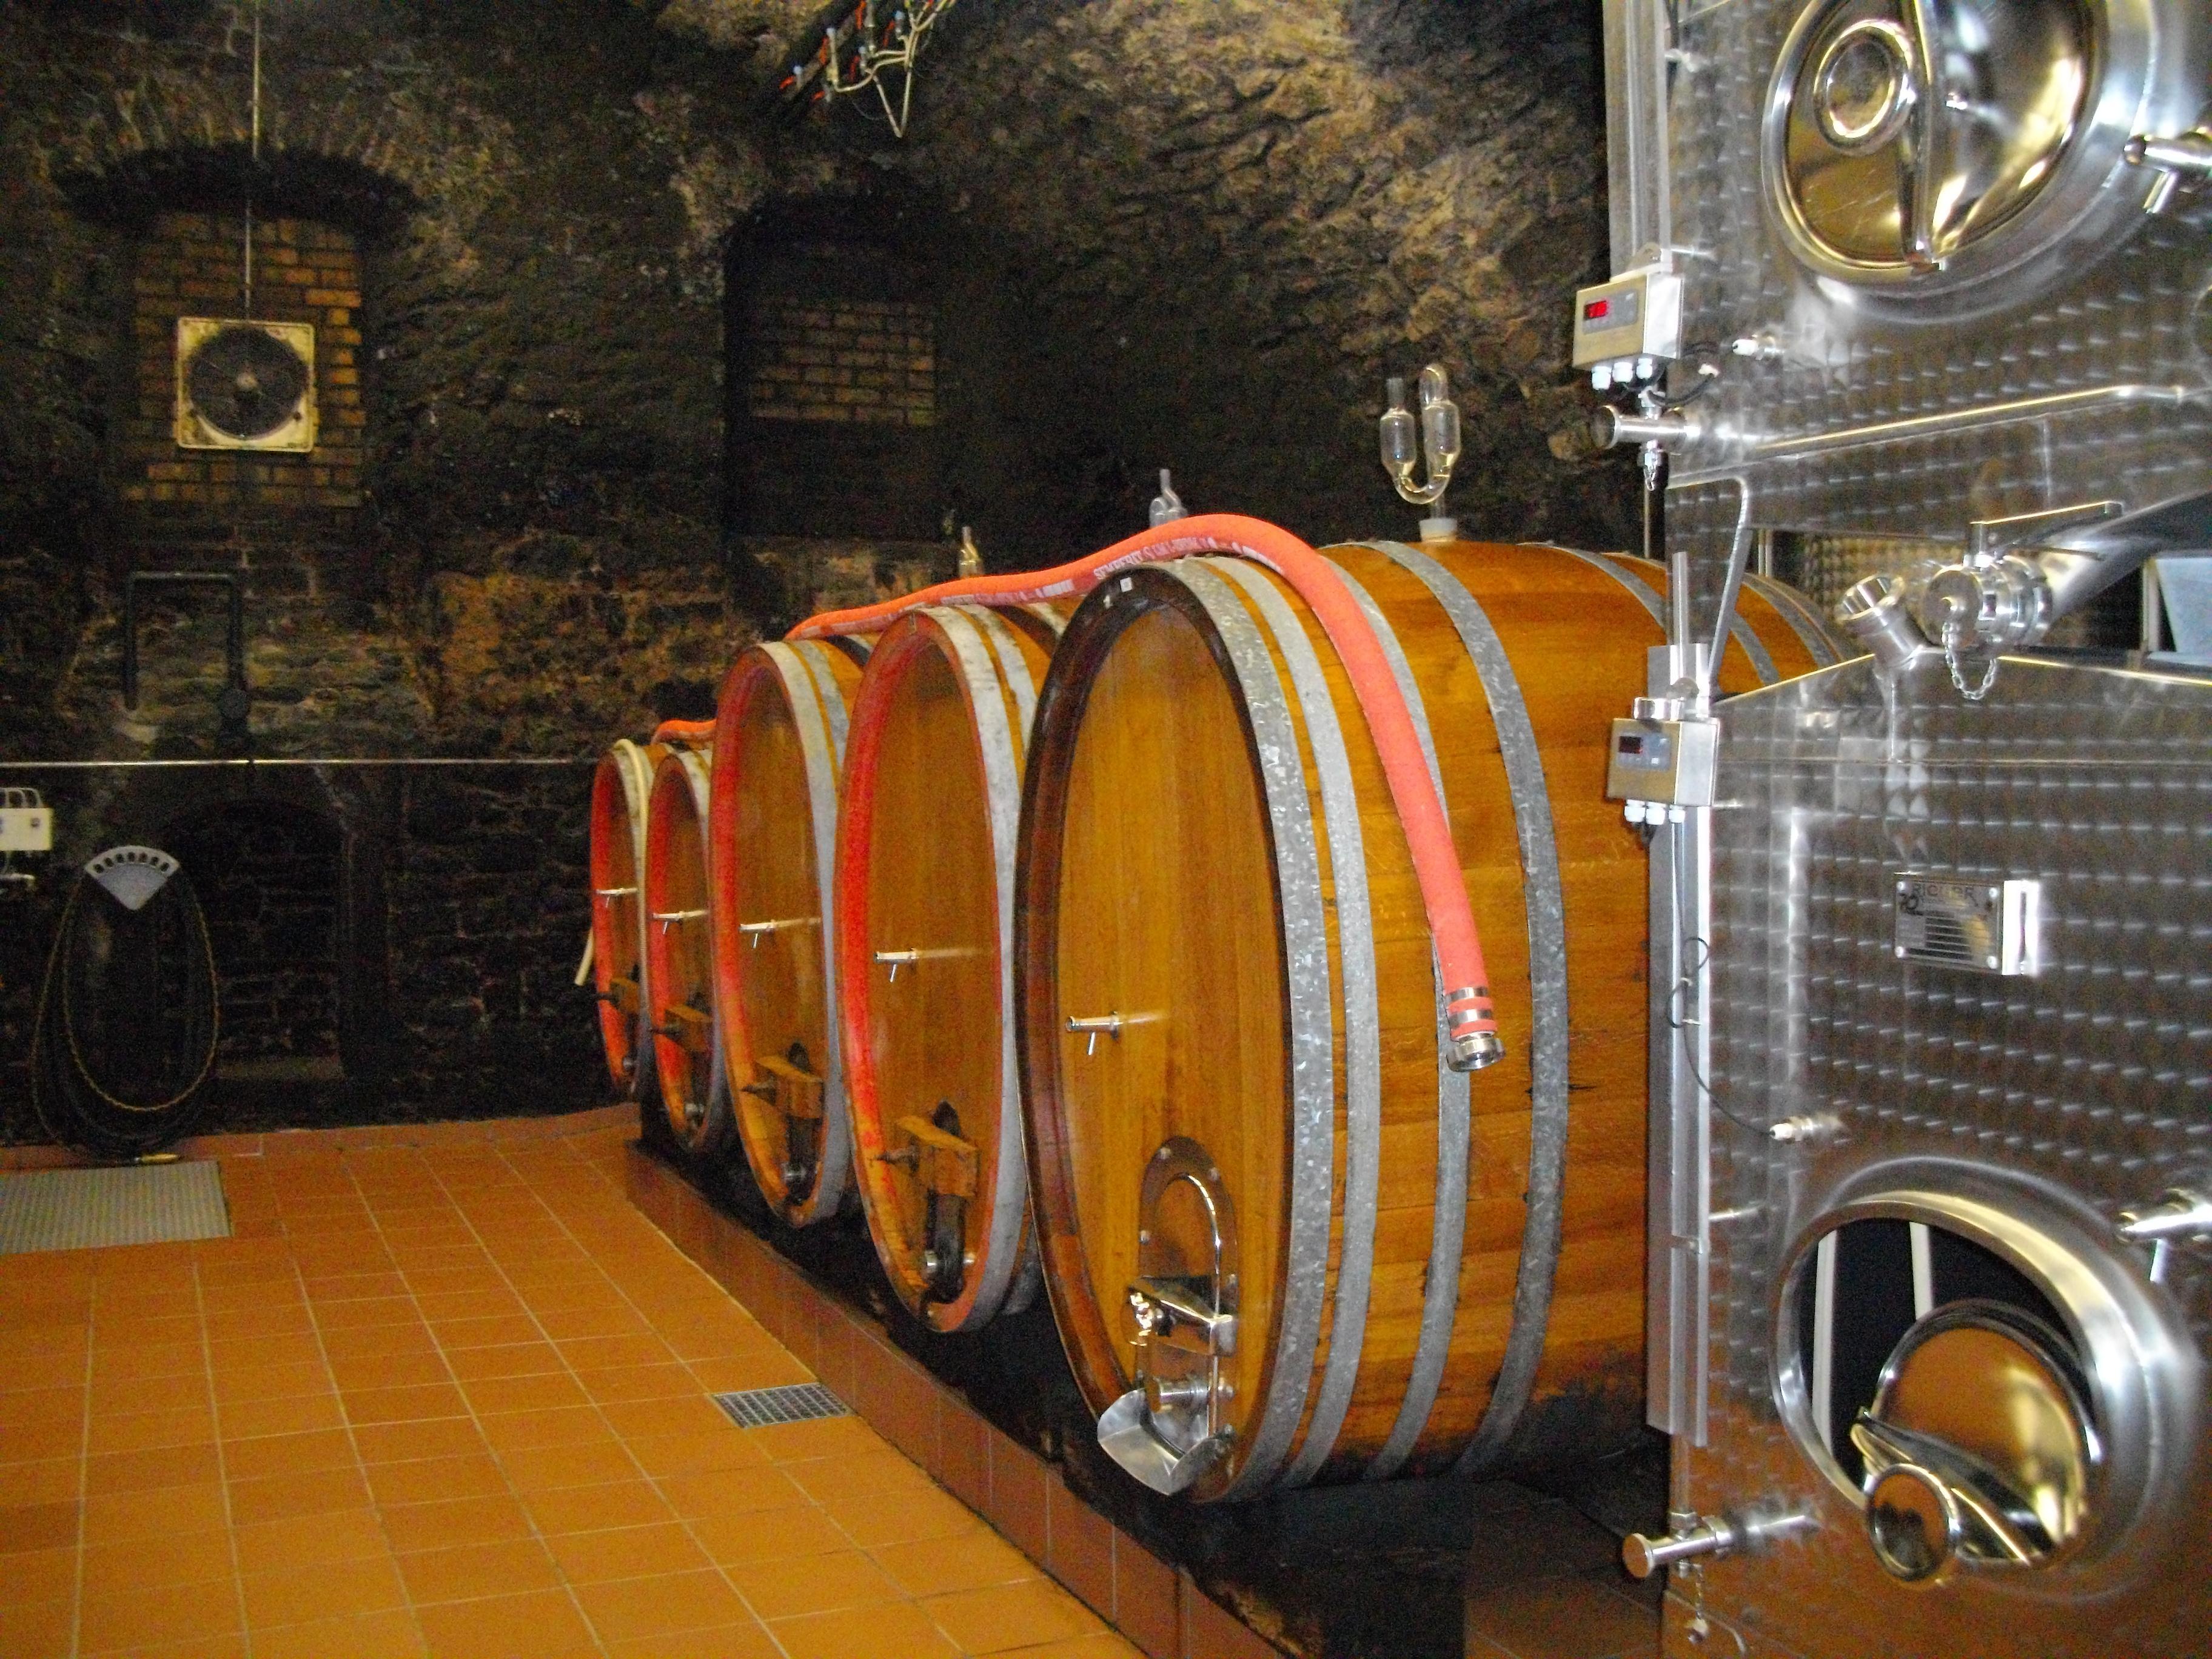 Ocm vino investimenti, guida alla misura 2015/2016